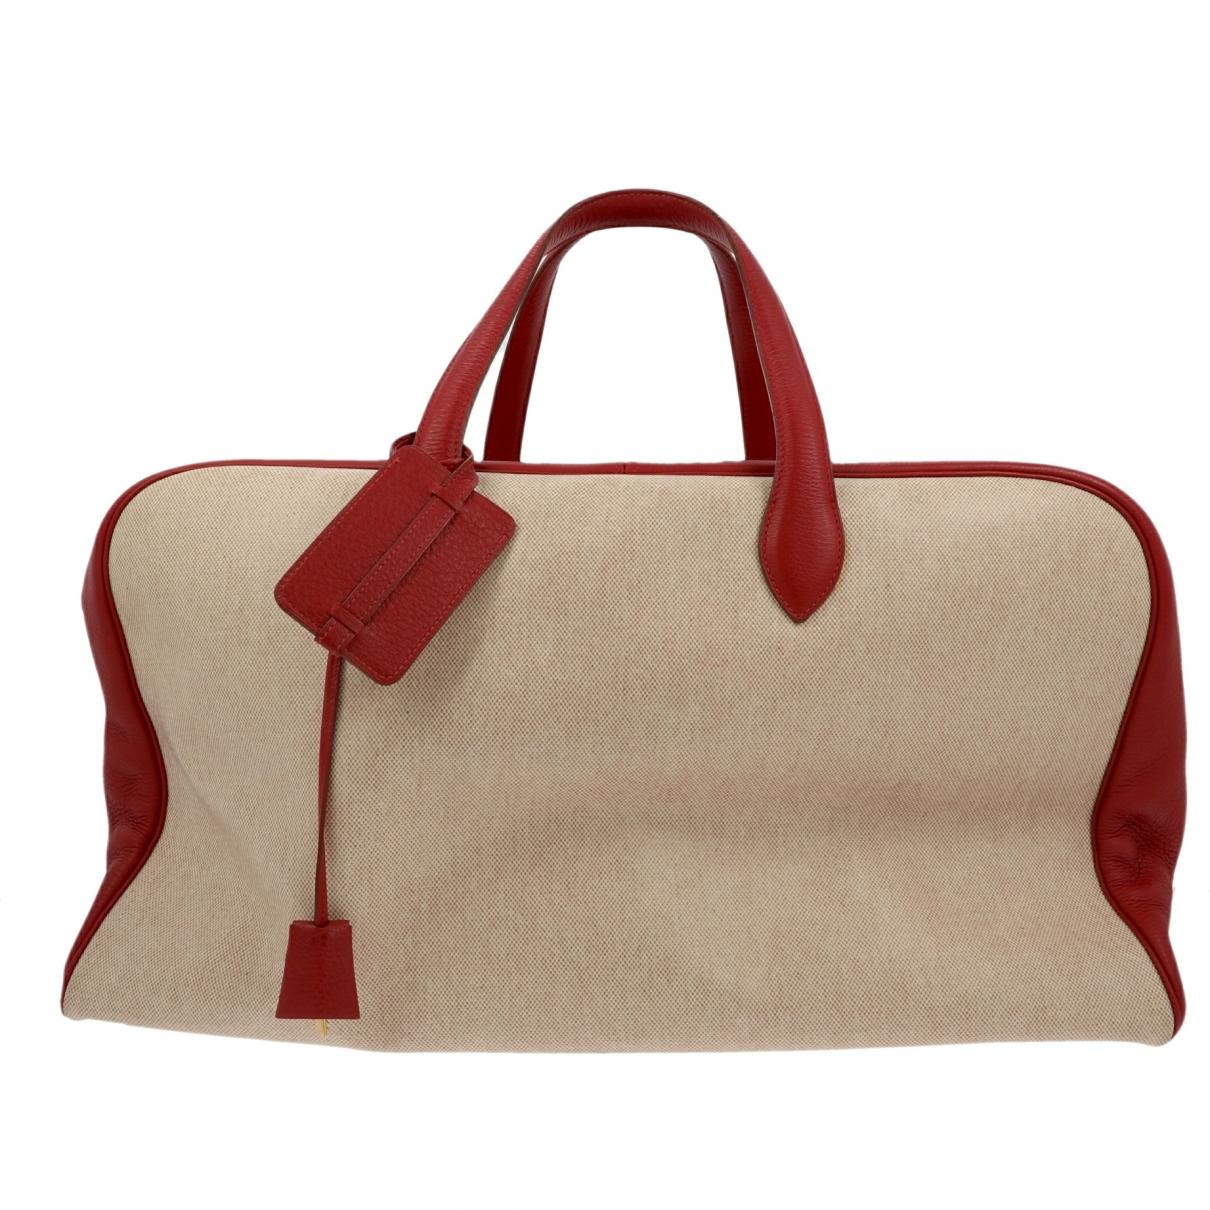 Hermes - Sac de voyage   pour femme en cuir - rouge